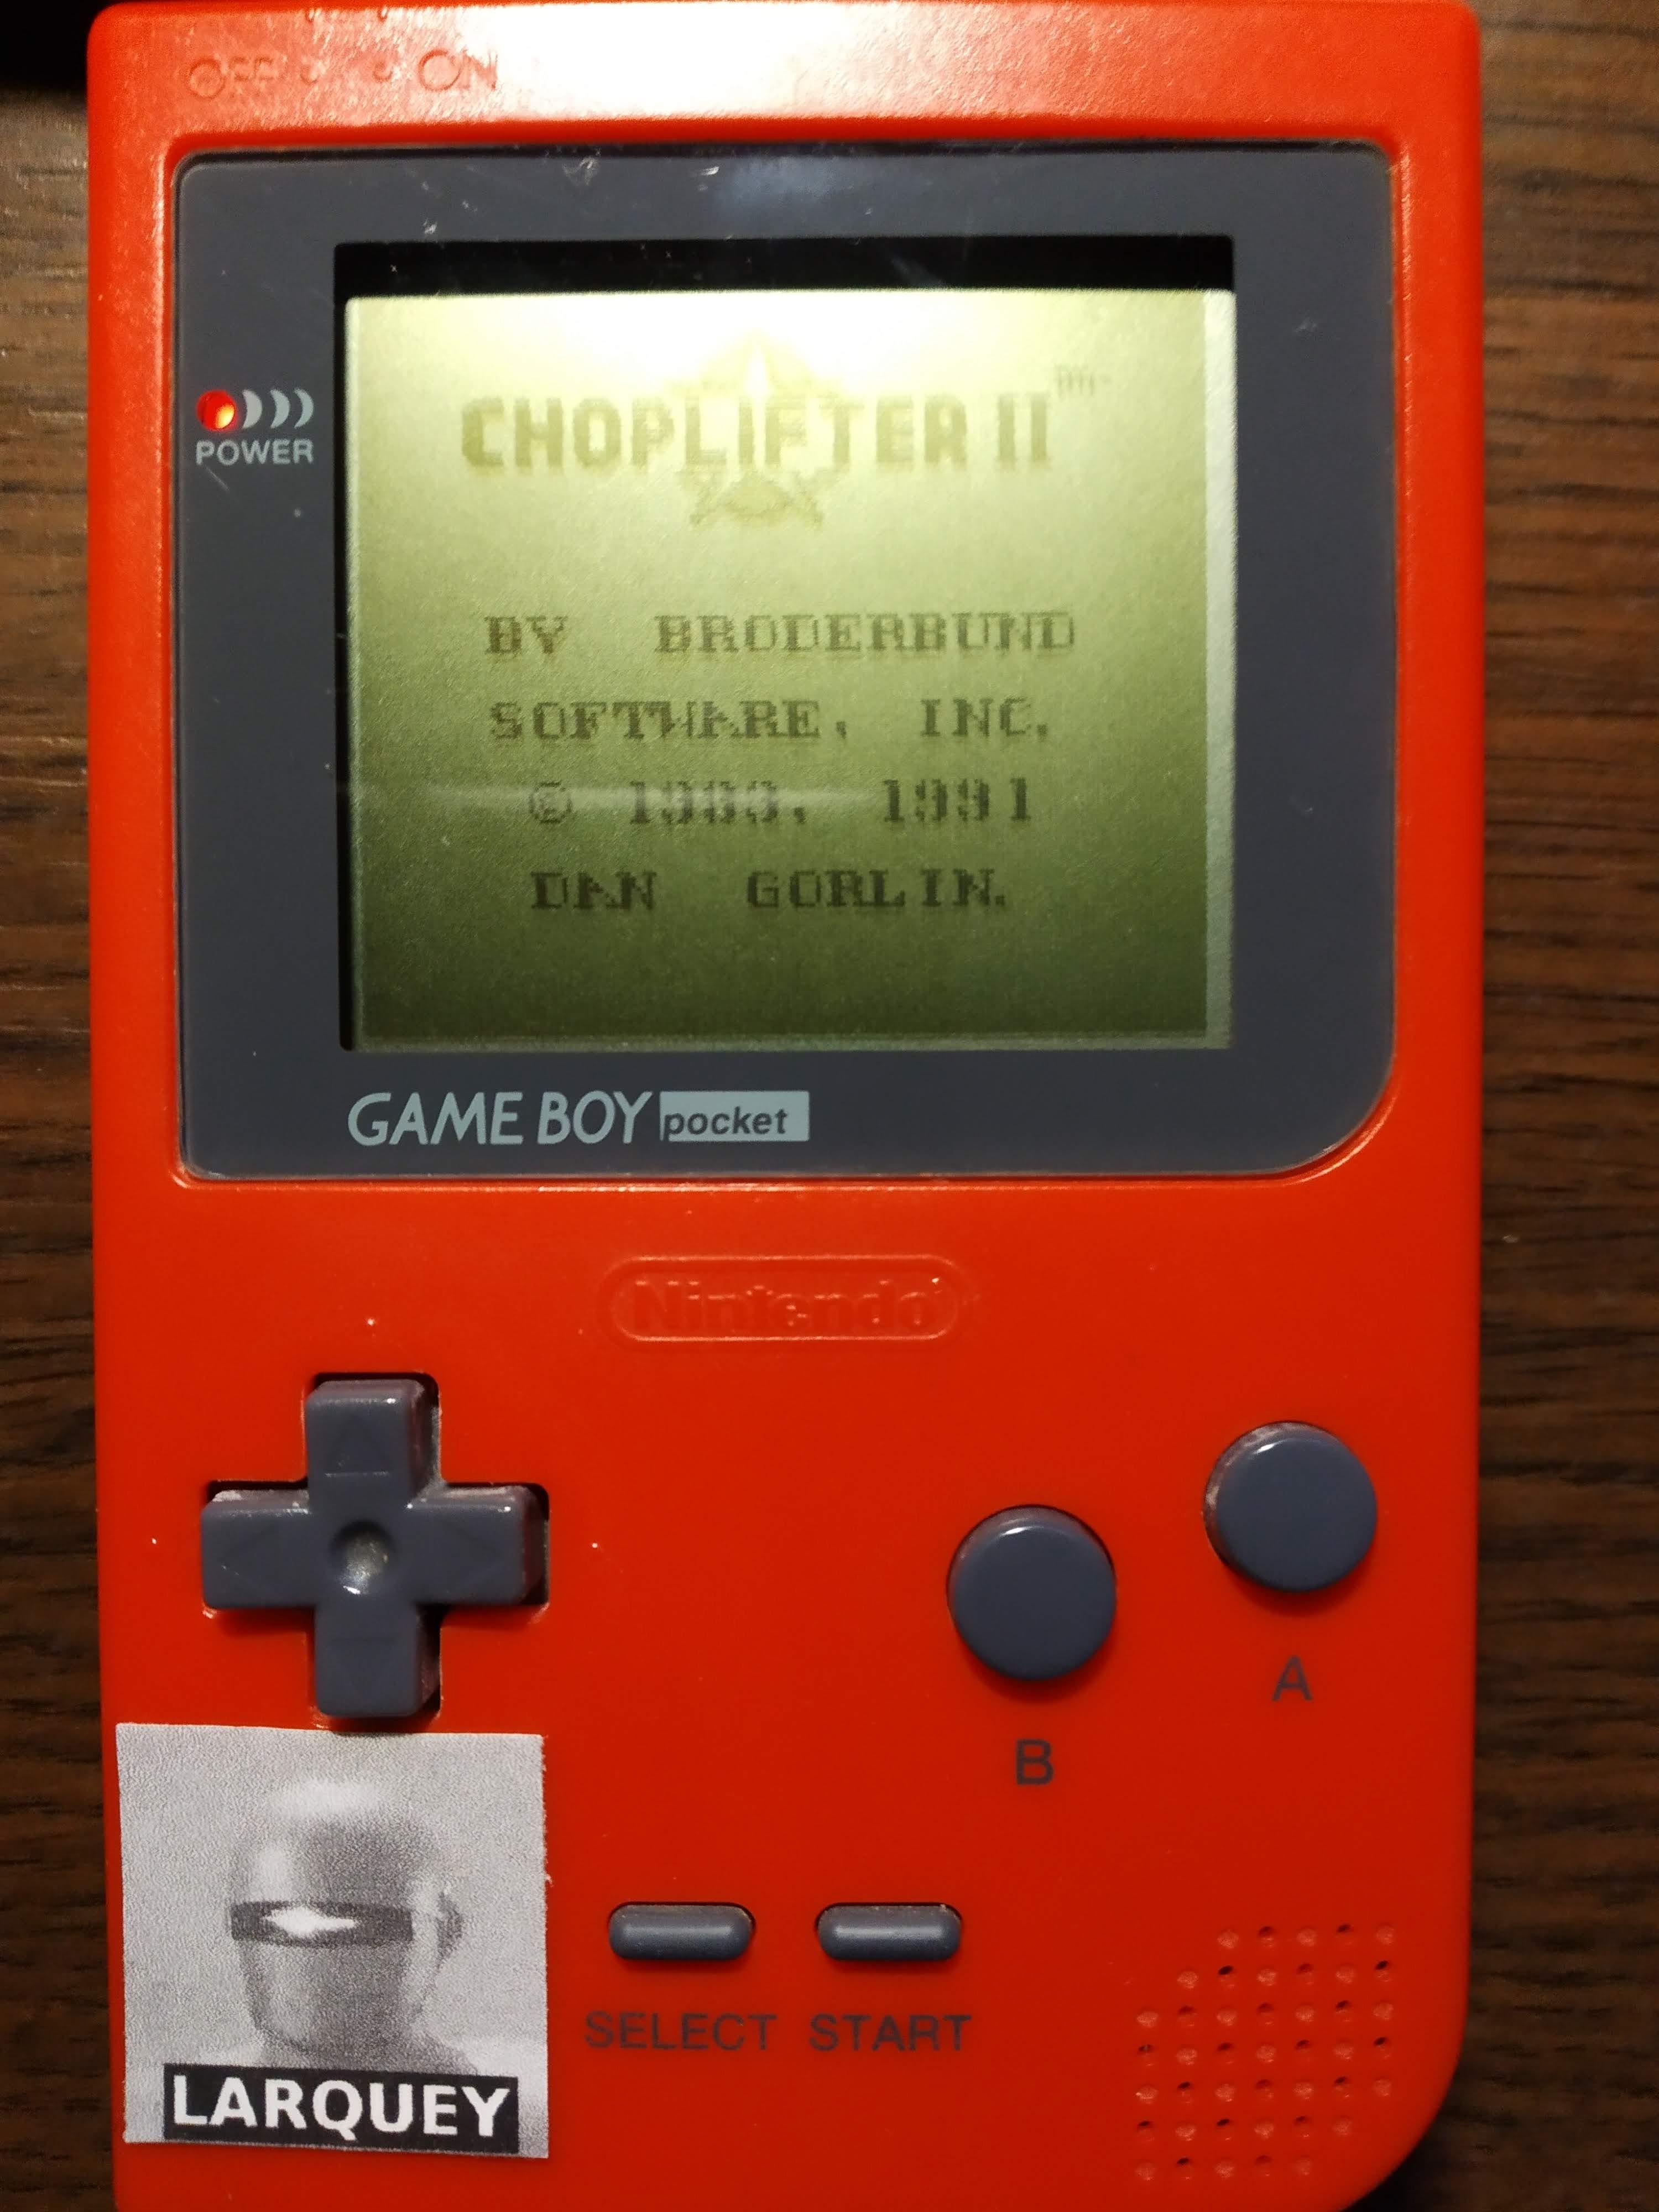 Larquey: Choplifter II (Game Boy) 3,230 points on 2019-12-14 12:18:36